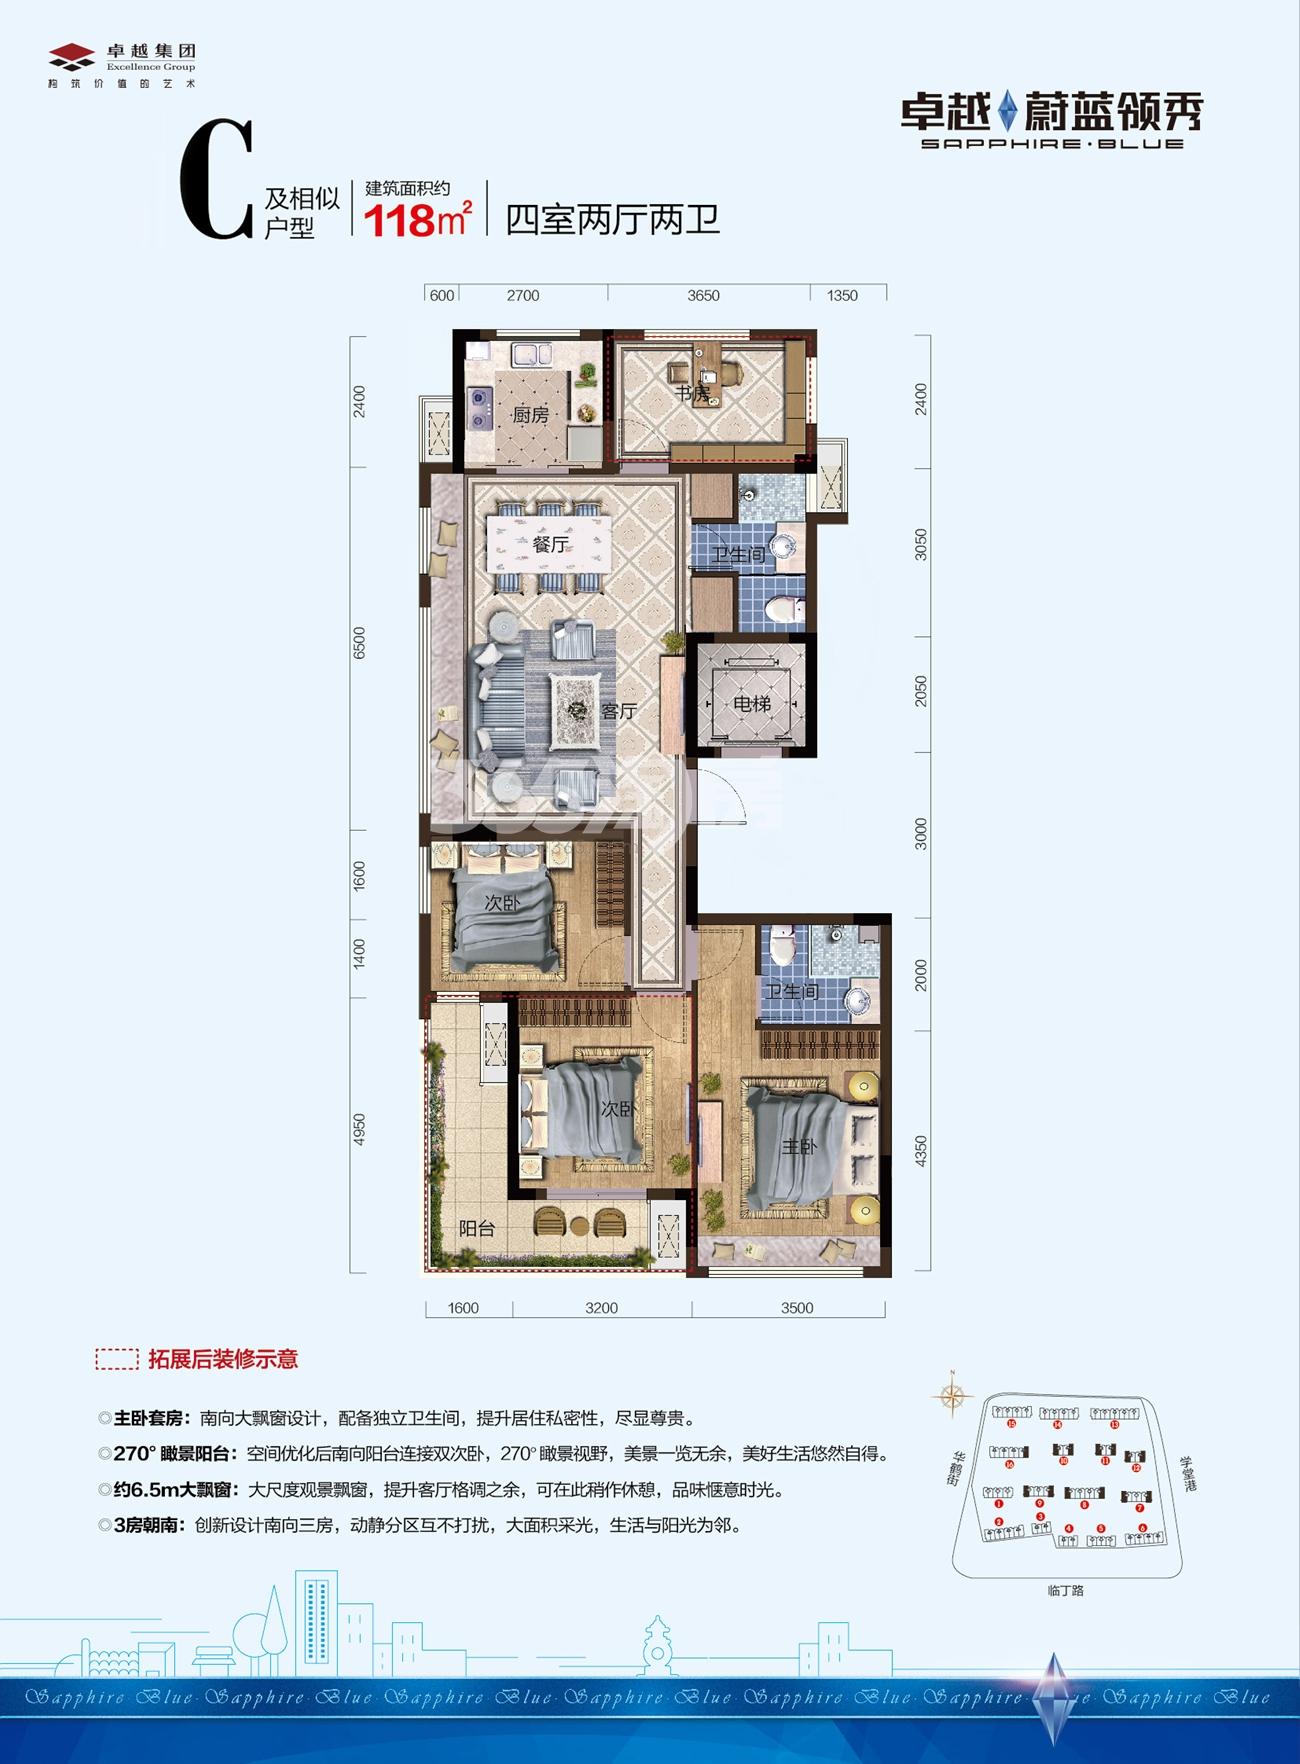 卓越蔚蓝领秀二期C户型图118方(7-12号楼)